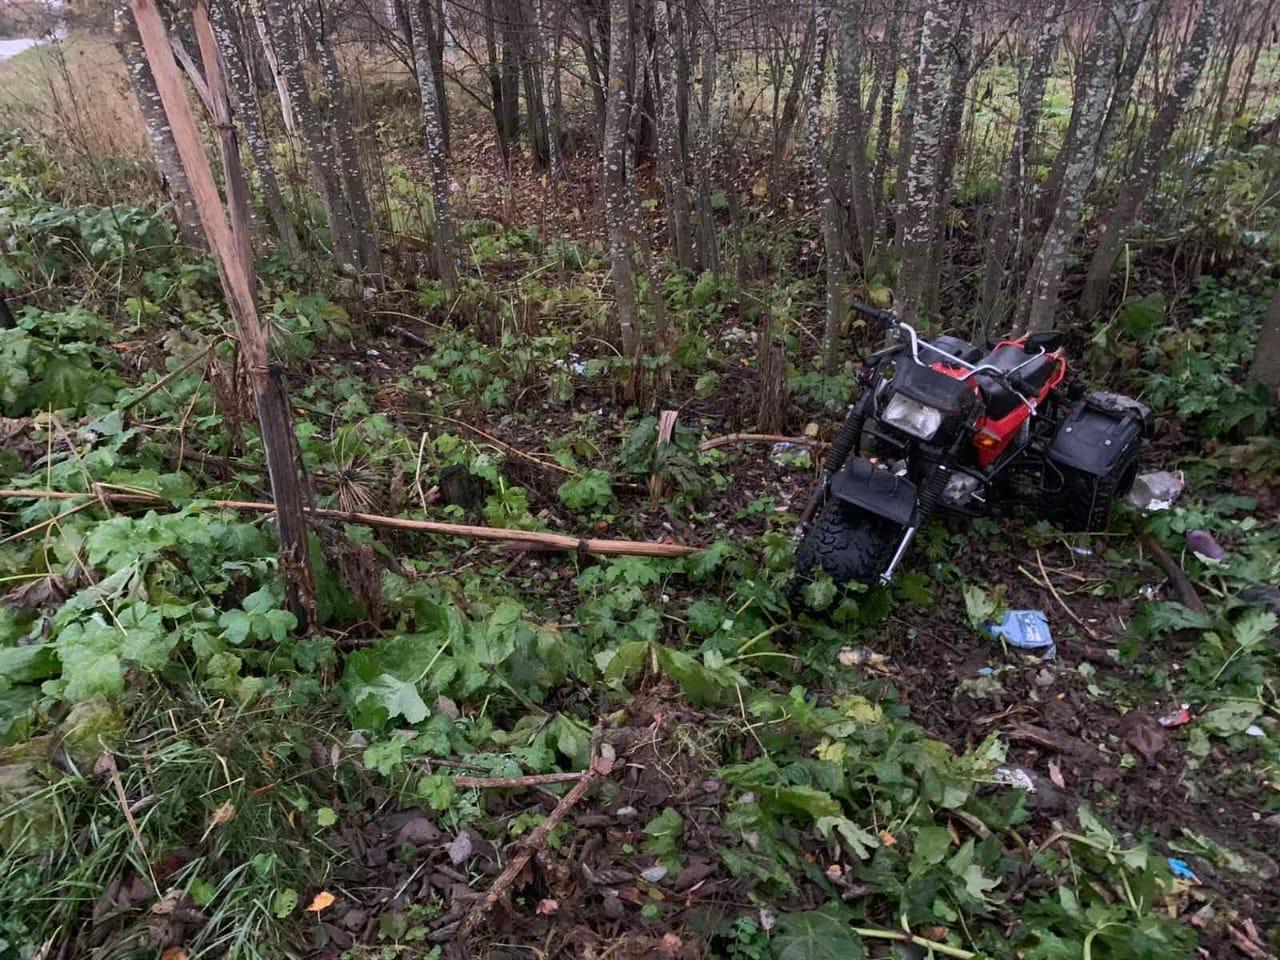 В Тверской области тяжёлые травмы получил пьяный водитель трицикла - новости Афанасий